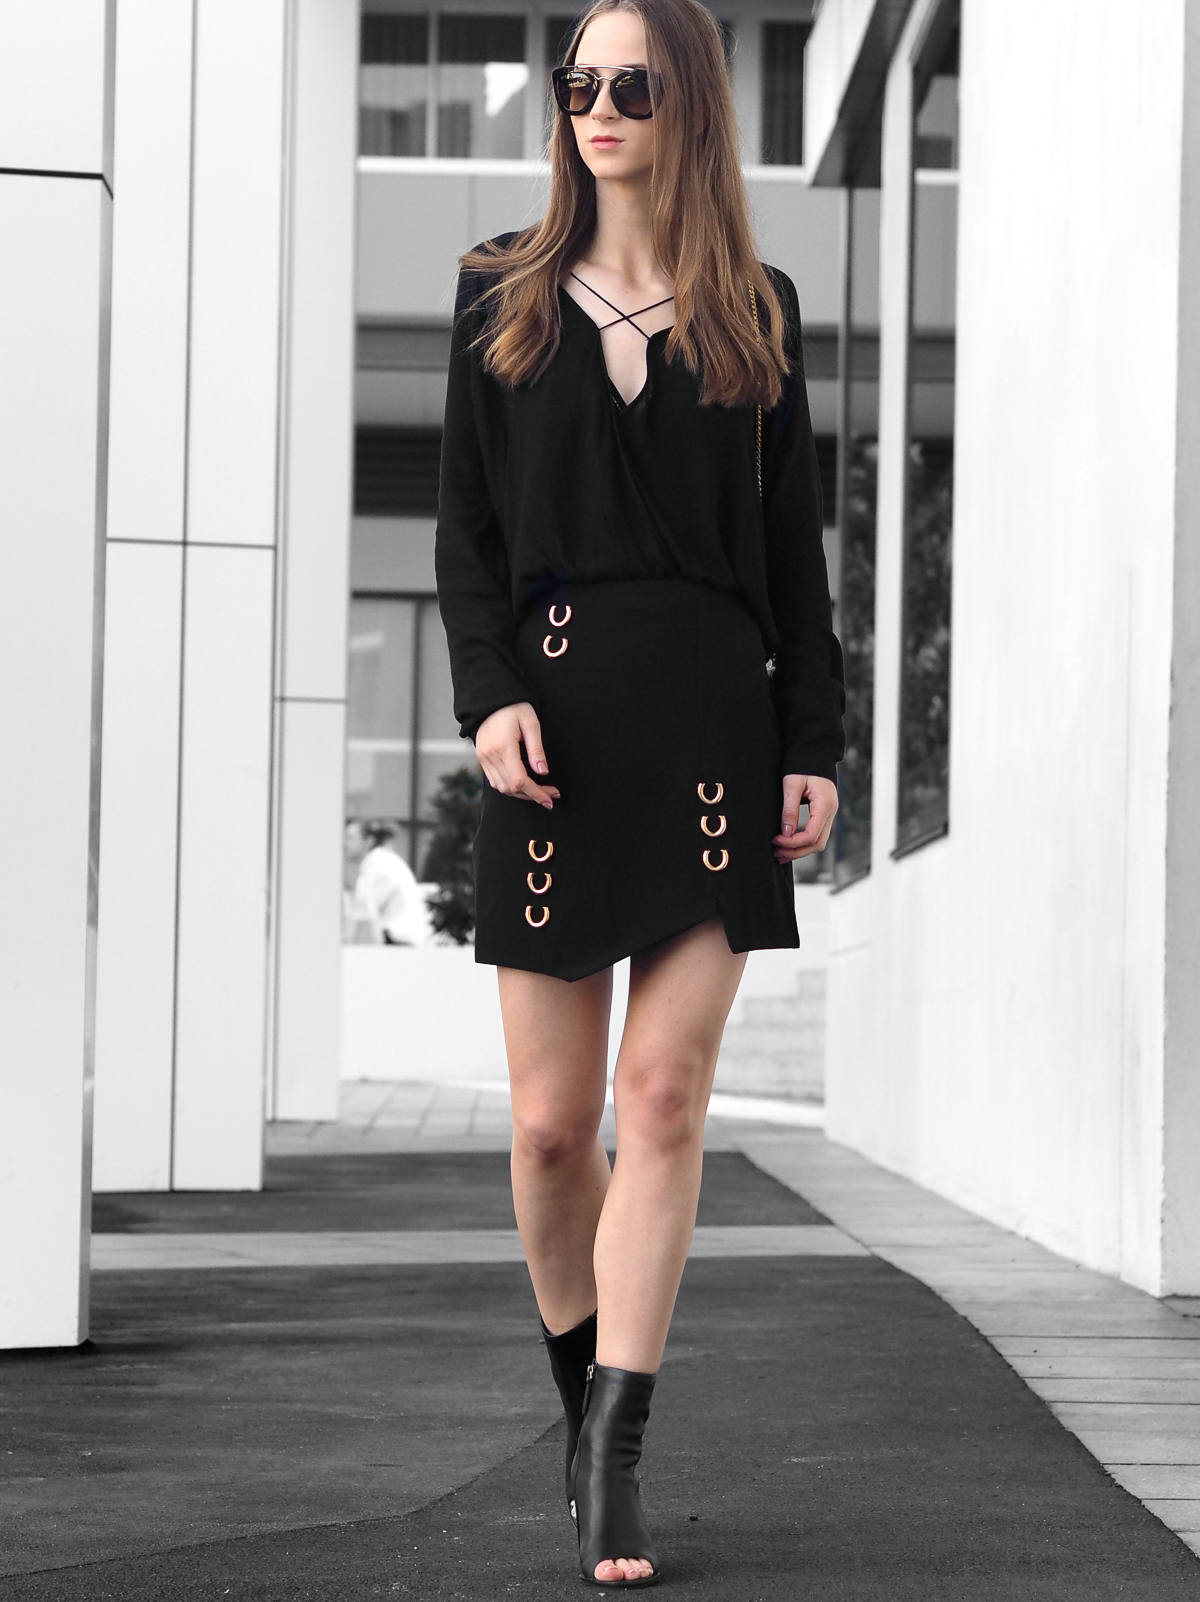 Best Statement skirts fashion blogger